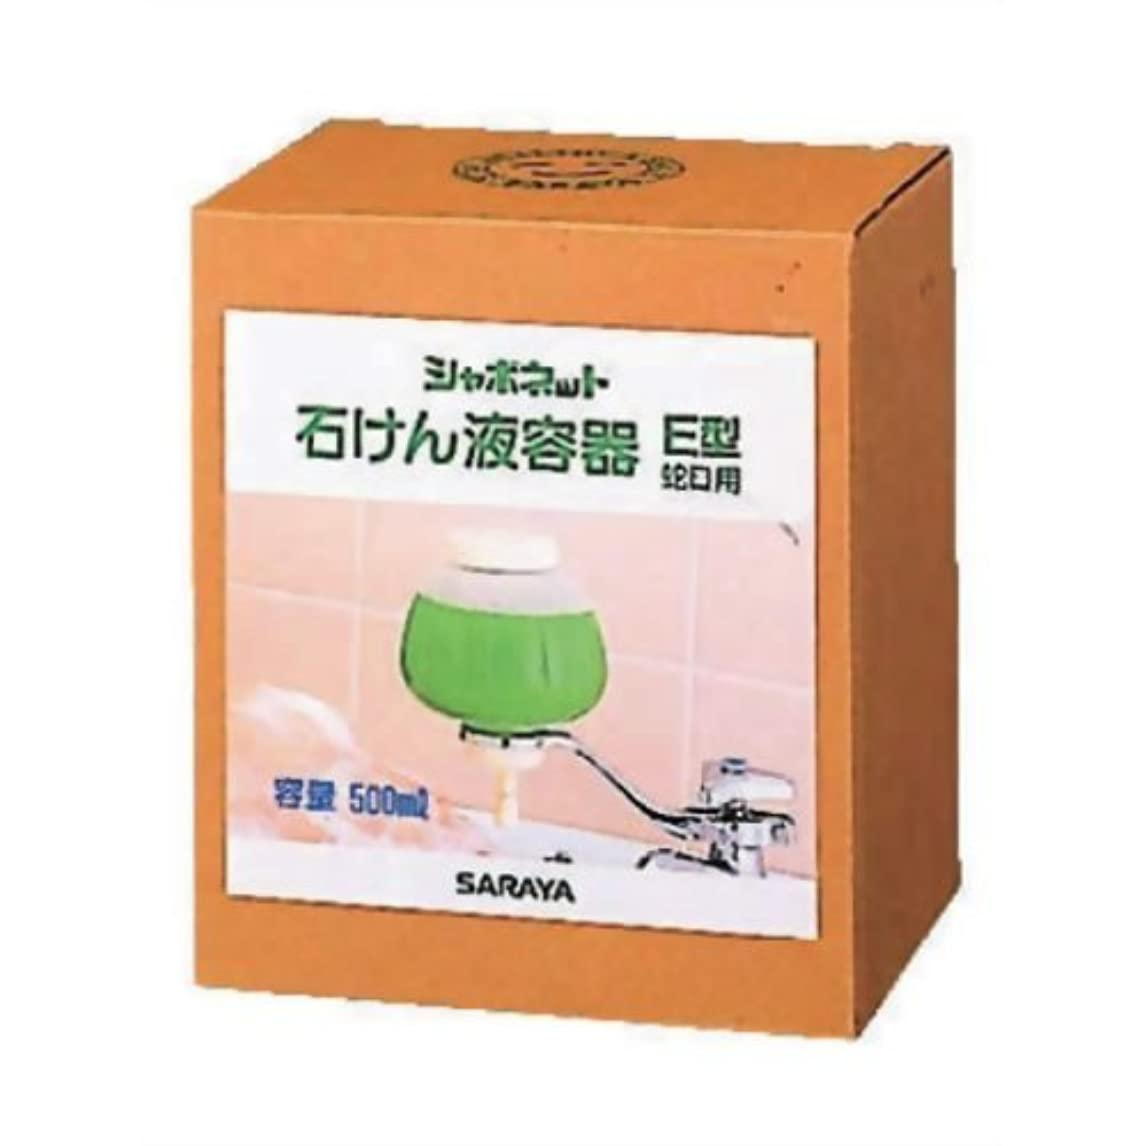 従事した襟哲学博士シャボネット 石鹸液容器 E型蛇口用 500ml